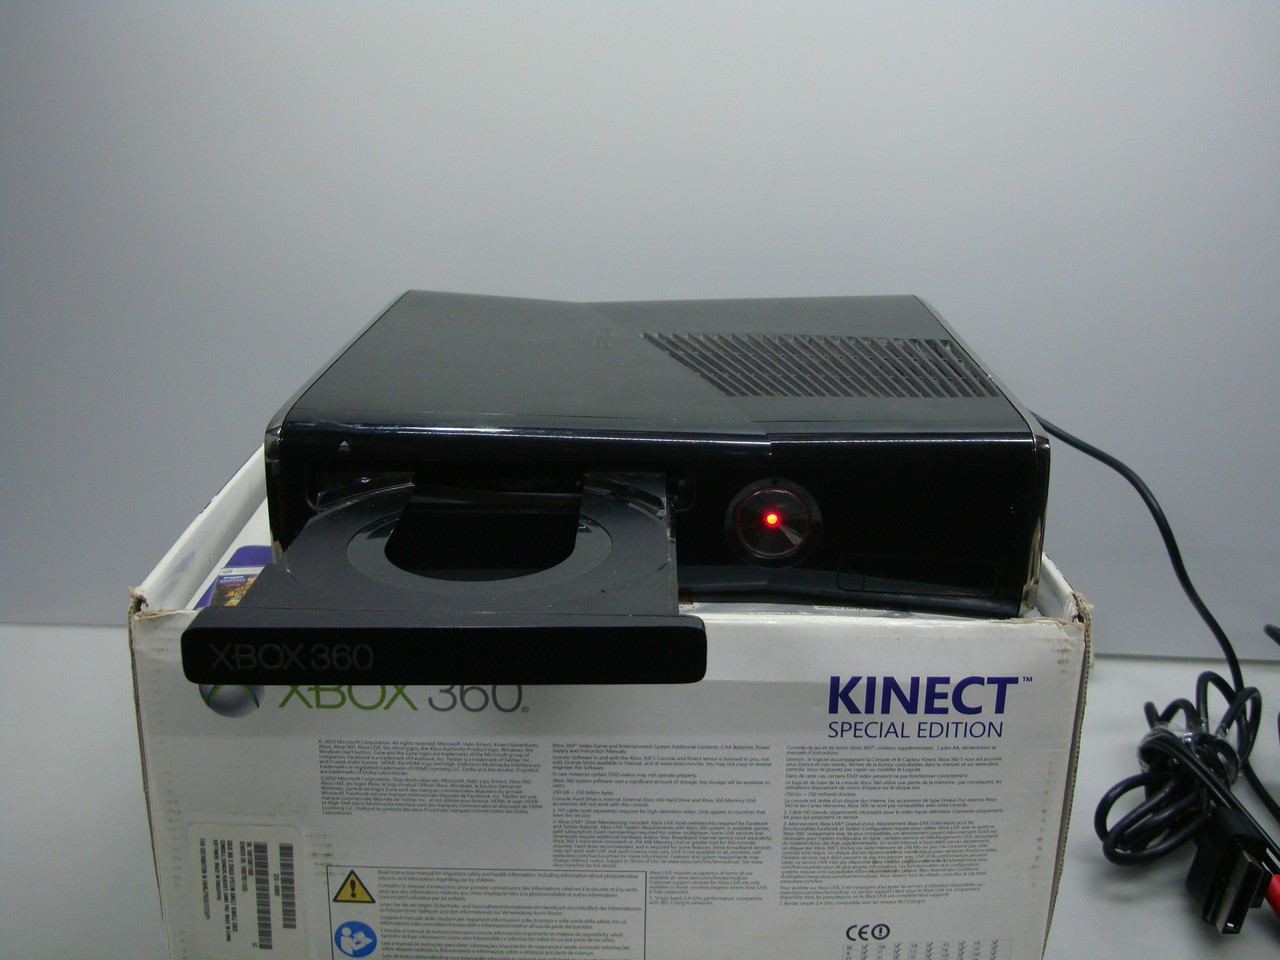 Игровая приставка Xbox 360 (1439) на запчасти. Включается нет изображения